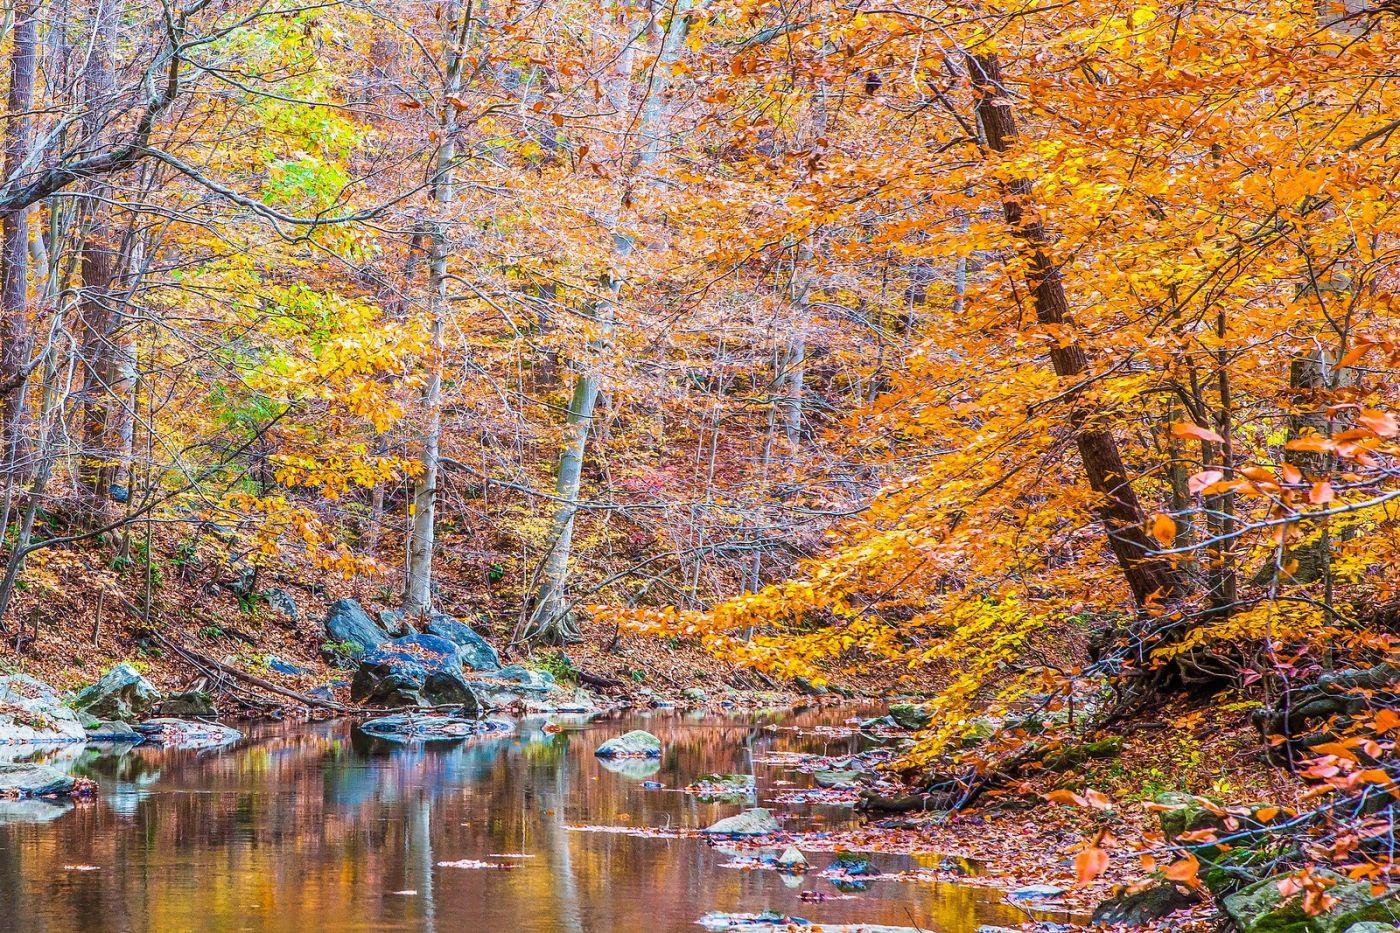 宾州雷德利克里克公园(Ridley creek park),迷人的秋色_图1-8